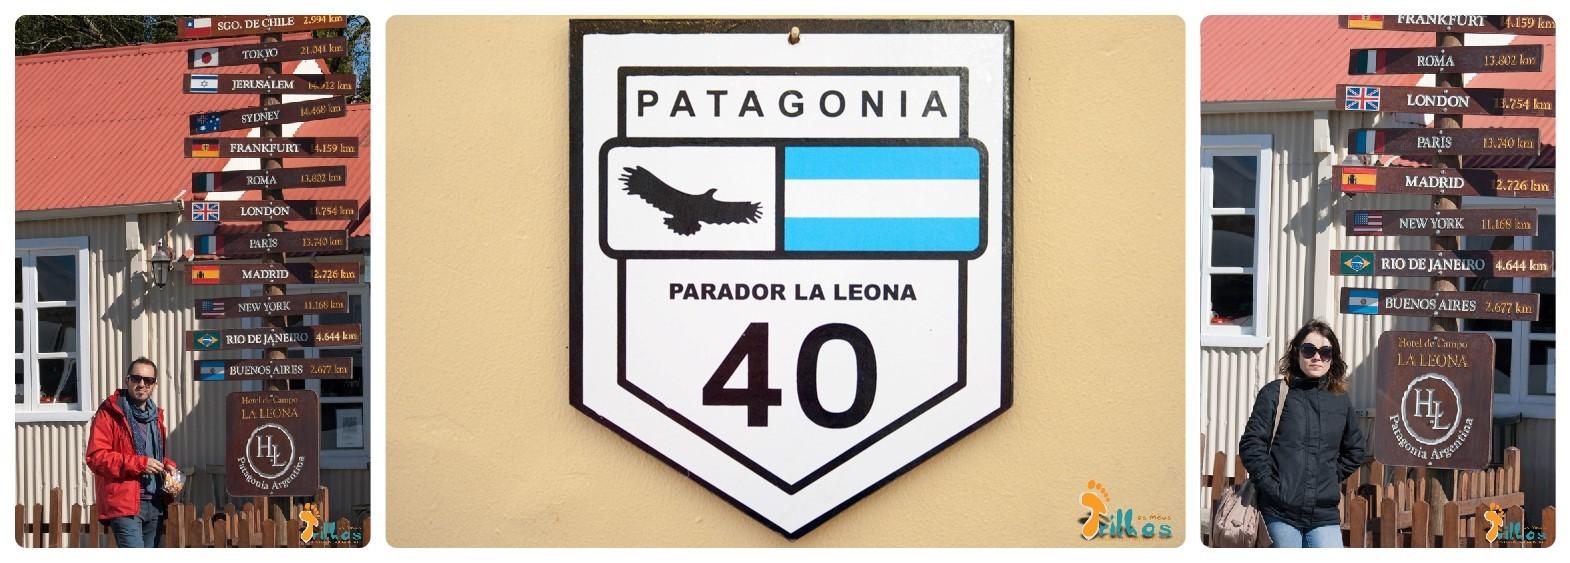 patagónia